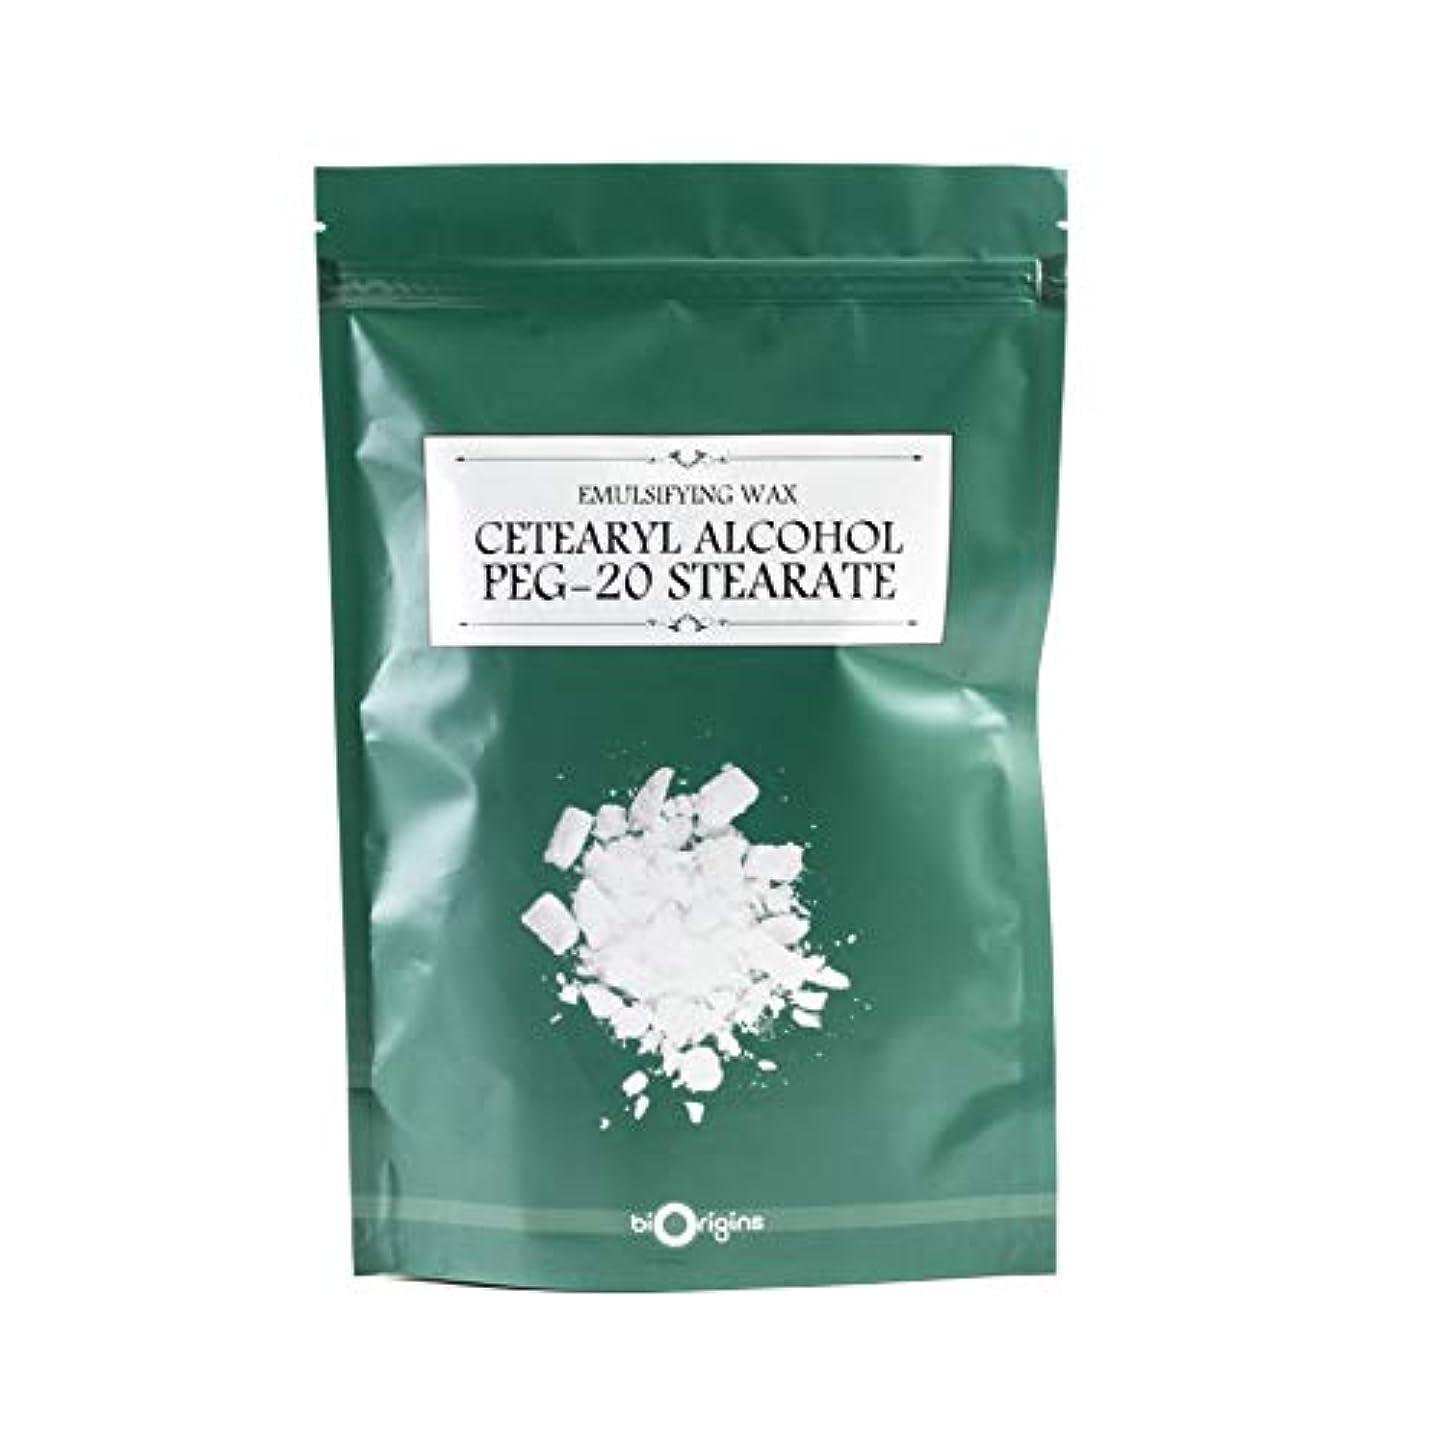 Emulsifying Wax (Cetearyl Alcohol/PEG-20 Stearate) 1Kg